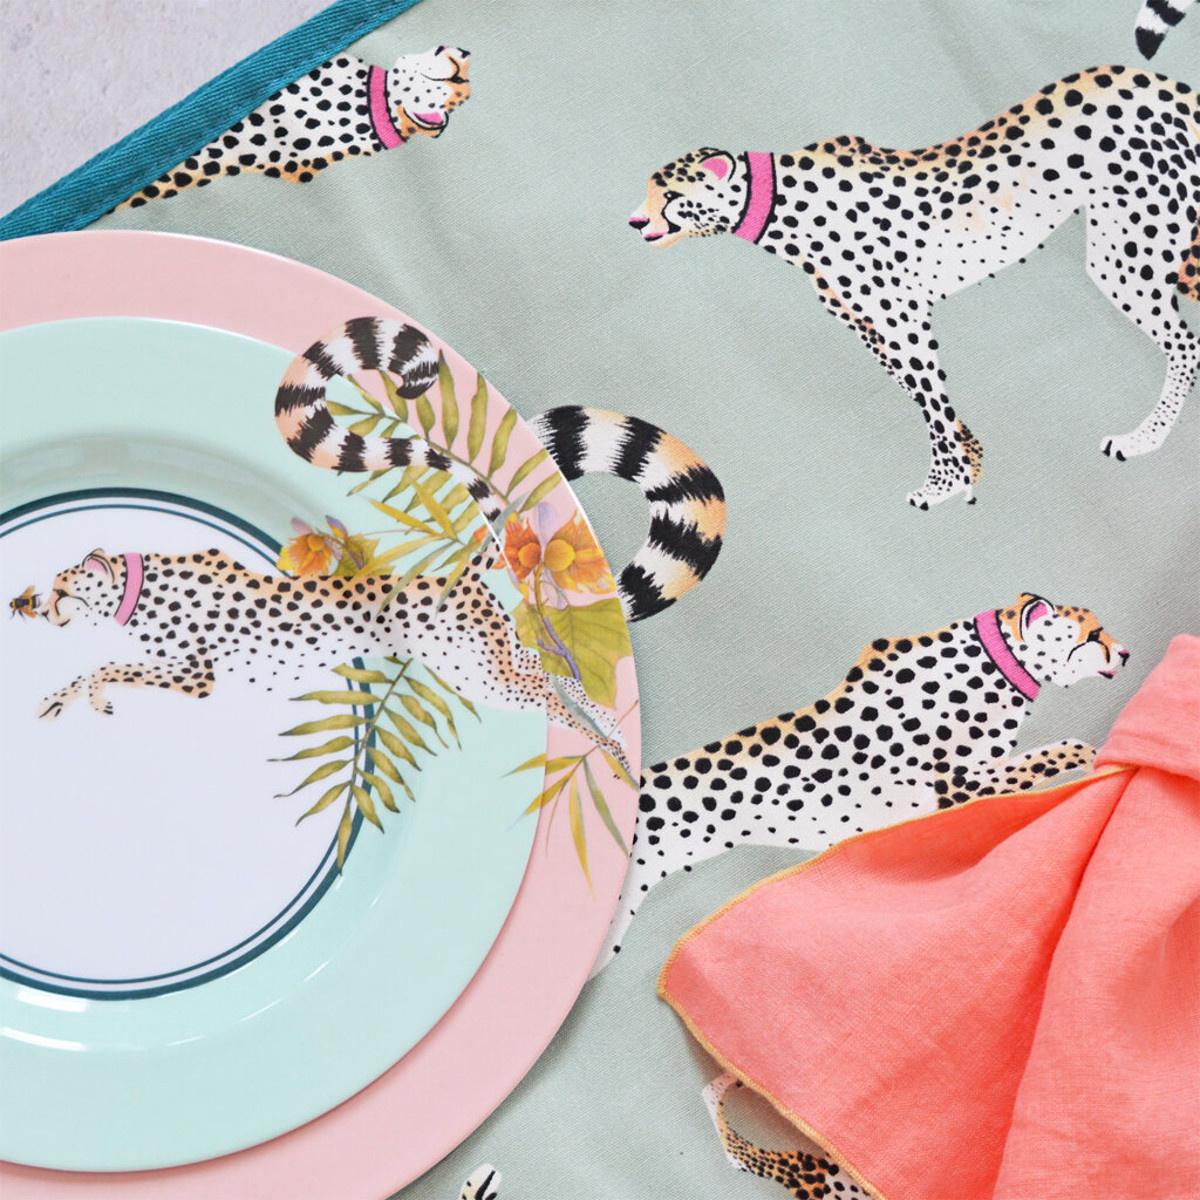 Yvonne Ellen London Yvonne Ellen PICNIC Cheeky Cheetahs Picknick Kleed 145 x 140 cm